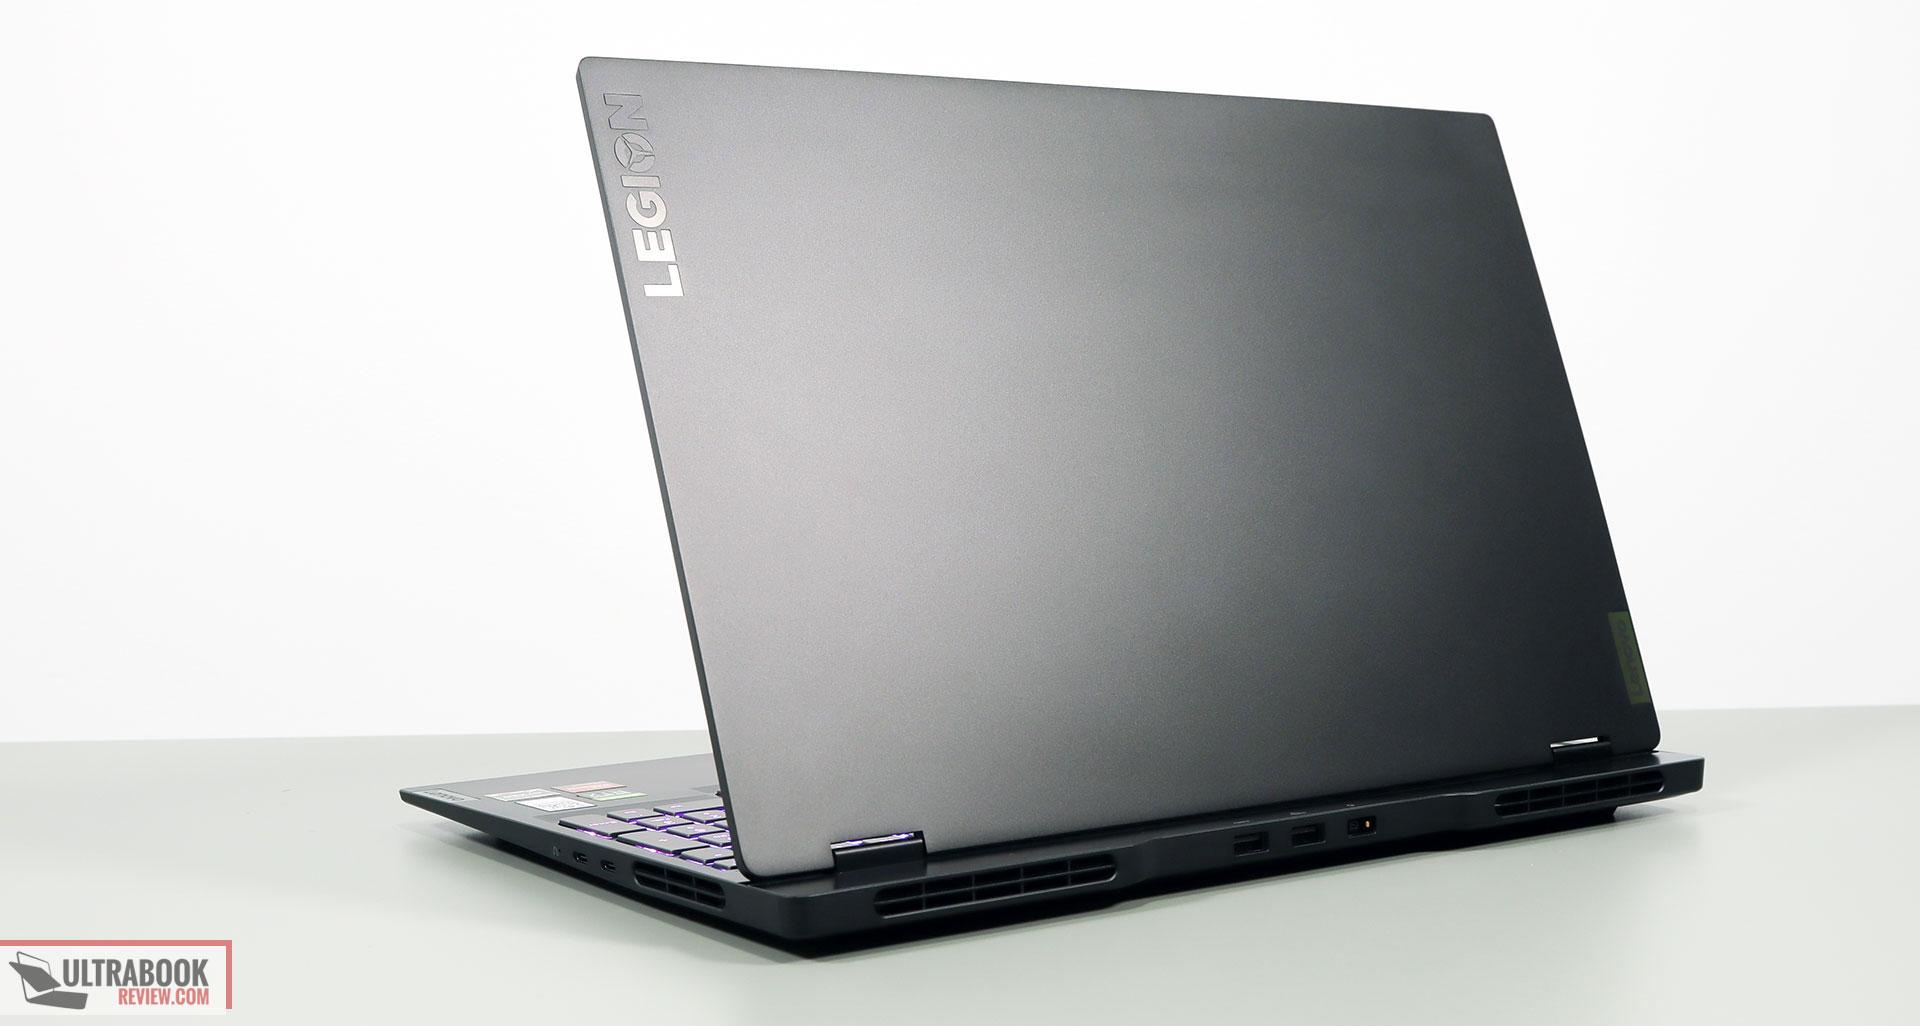 Lenovo legion Slim 7 review - exterior design